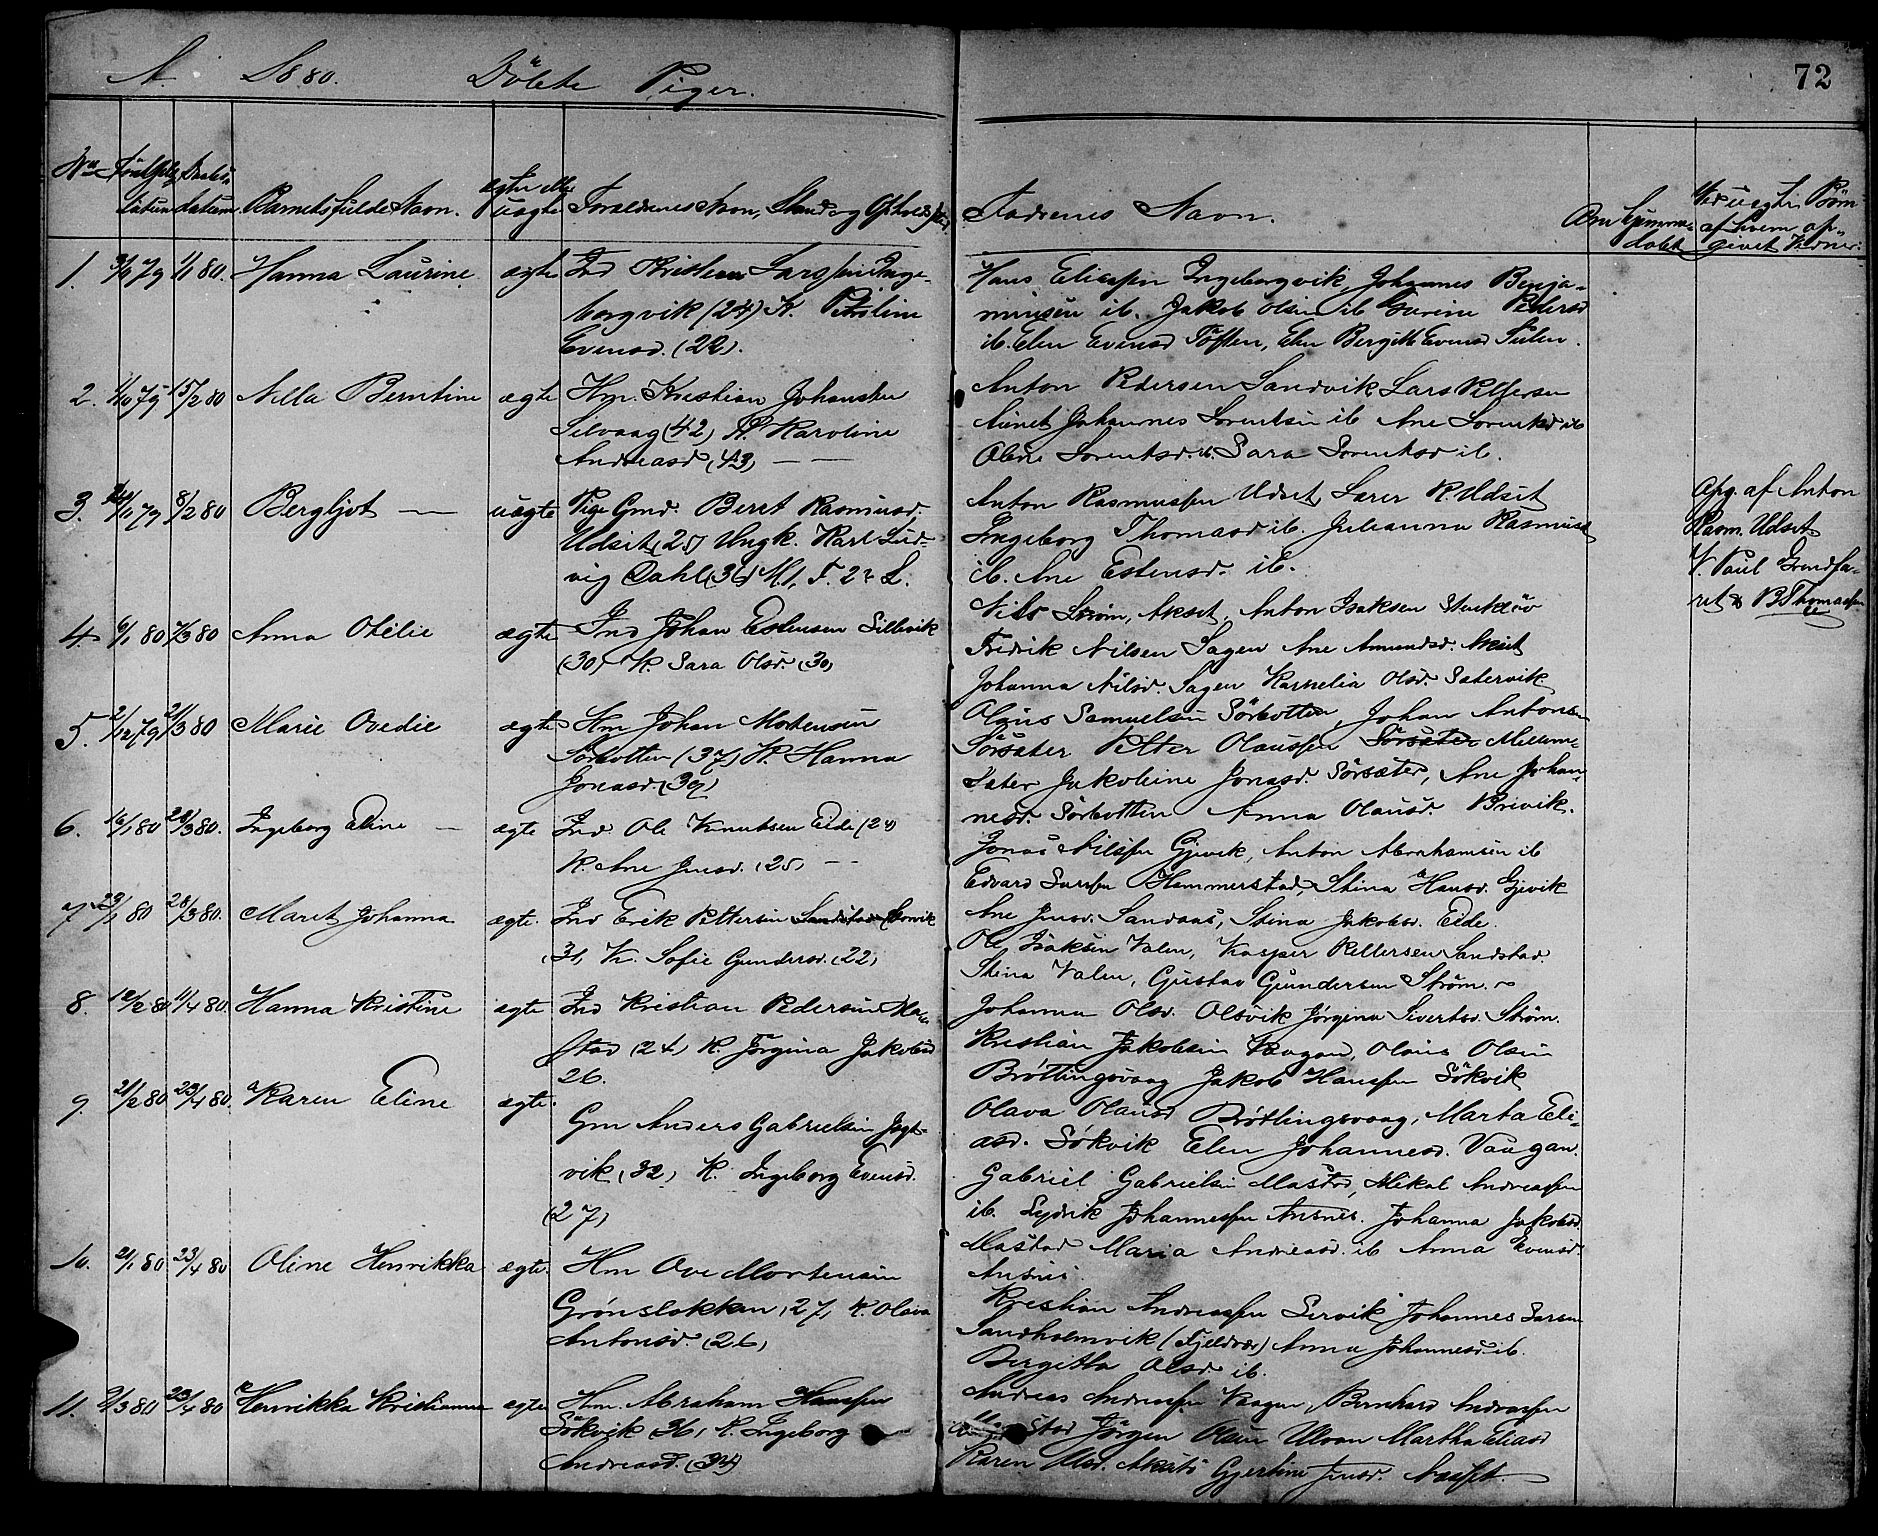 SAT, Ministerialprotokoller, klokkerbøker og fødselsregistre - Sør-Trøndelag, 637/L0561: Klokkerbok nr. 637C02, 1873-1882, s. 72